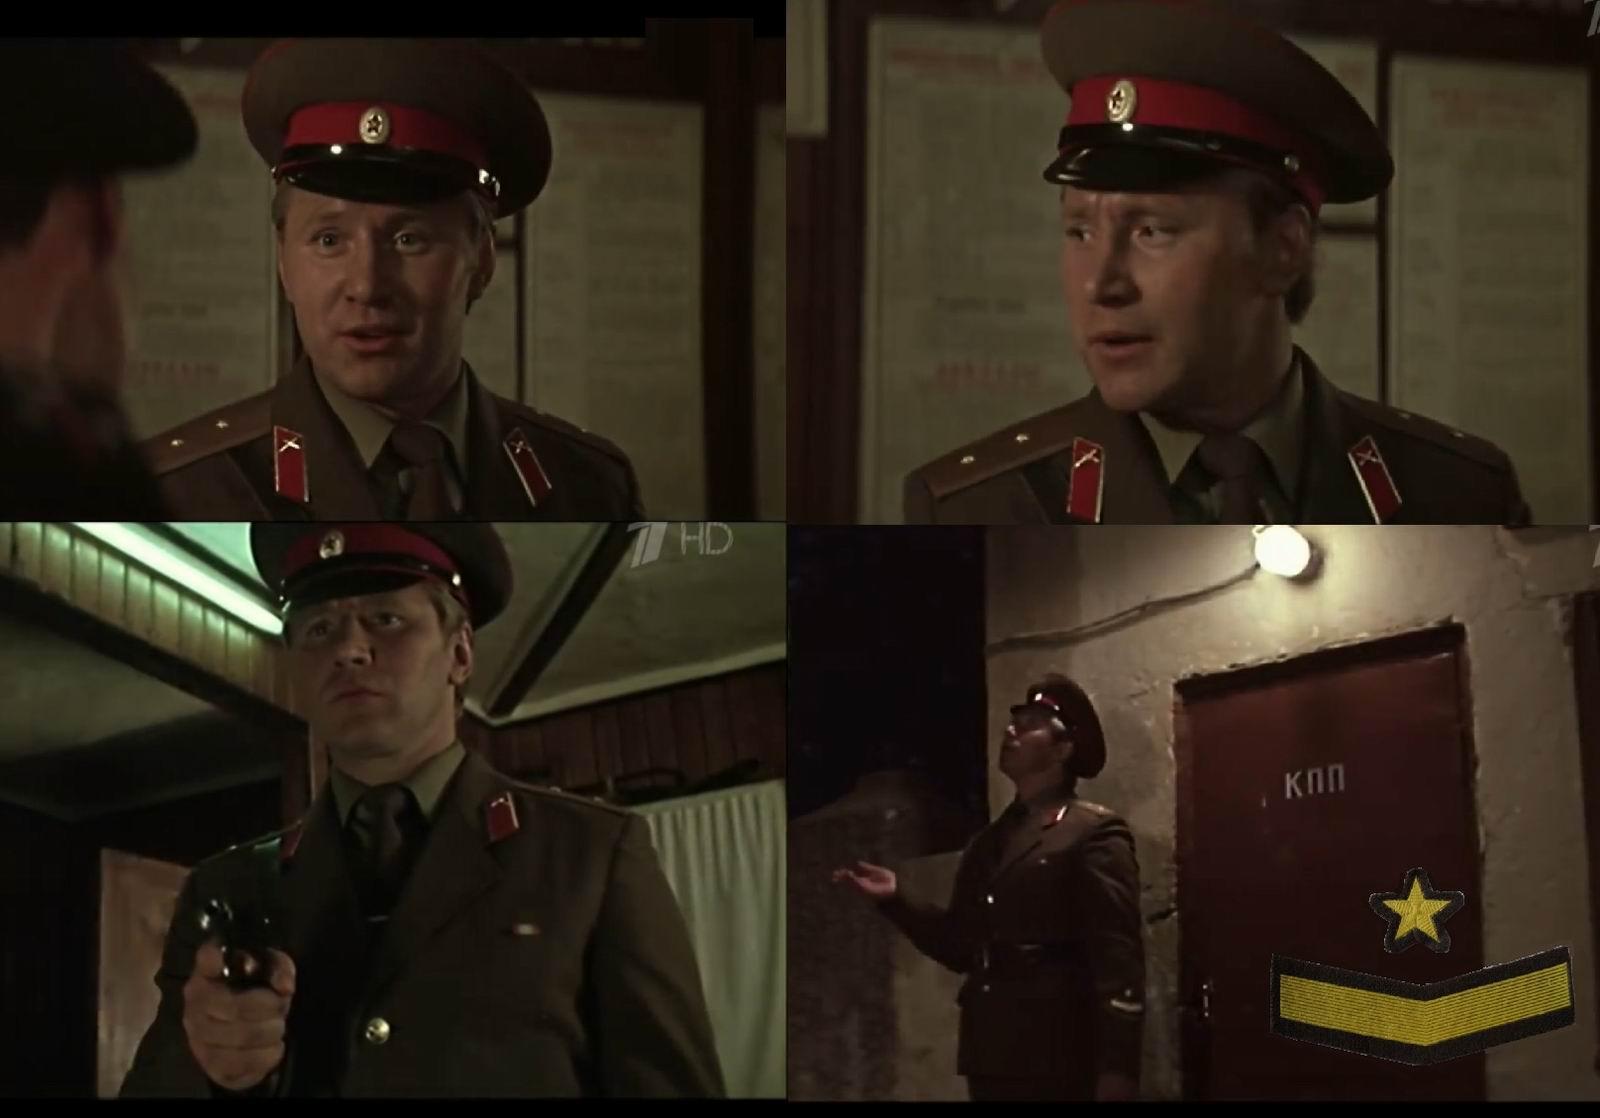 """""""Ответный ход"""" (1981) Персонаж носит петлицы с золотистой окантовкой, установленные для офицеров при повседневной форме, но не прапорщиков."""